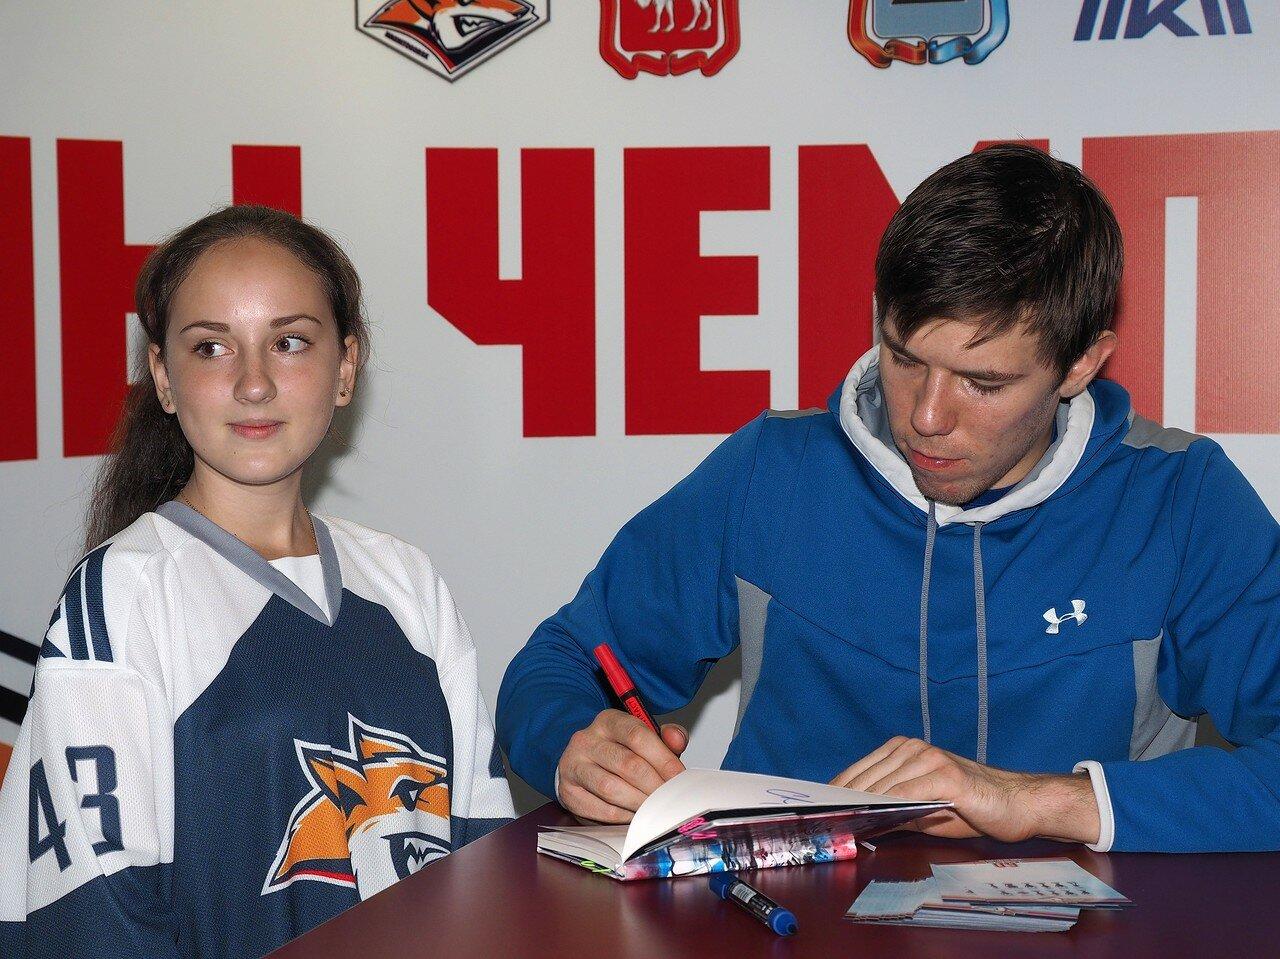 67Металлург - Металлург Новокузнецк 20.09.2015